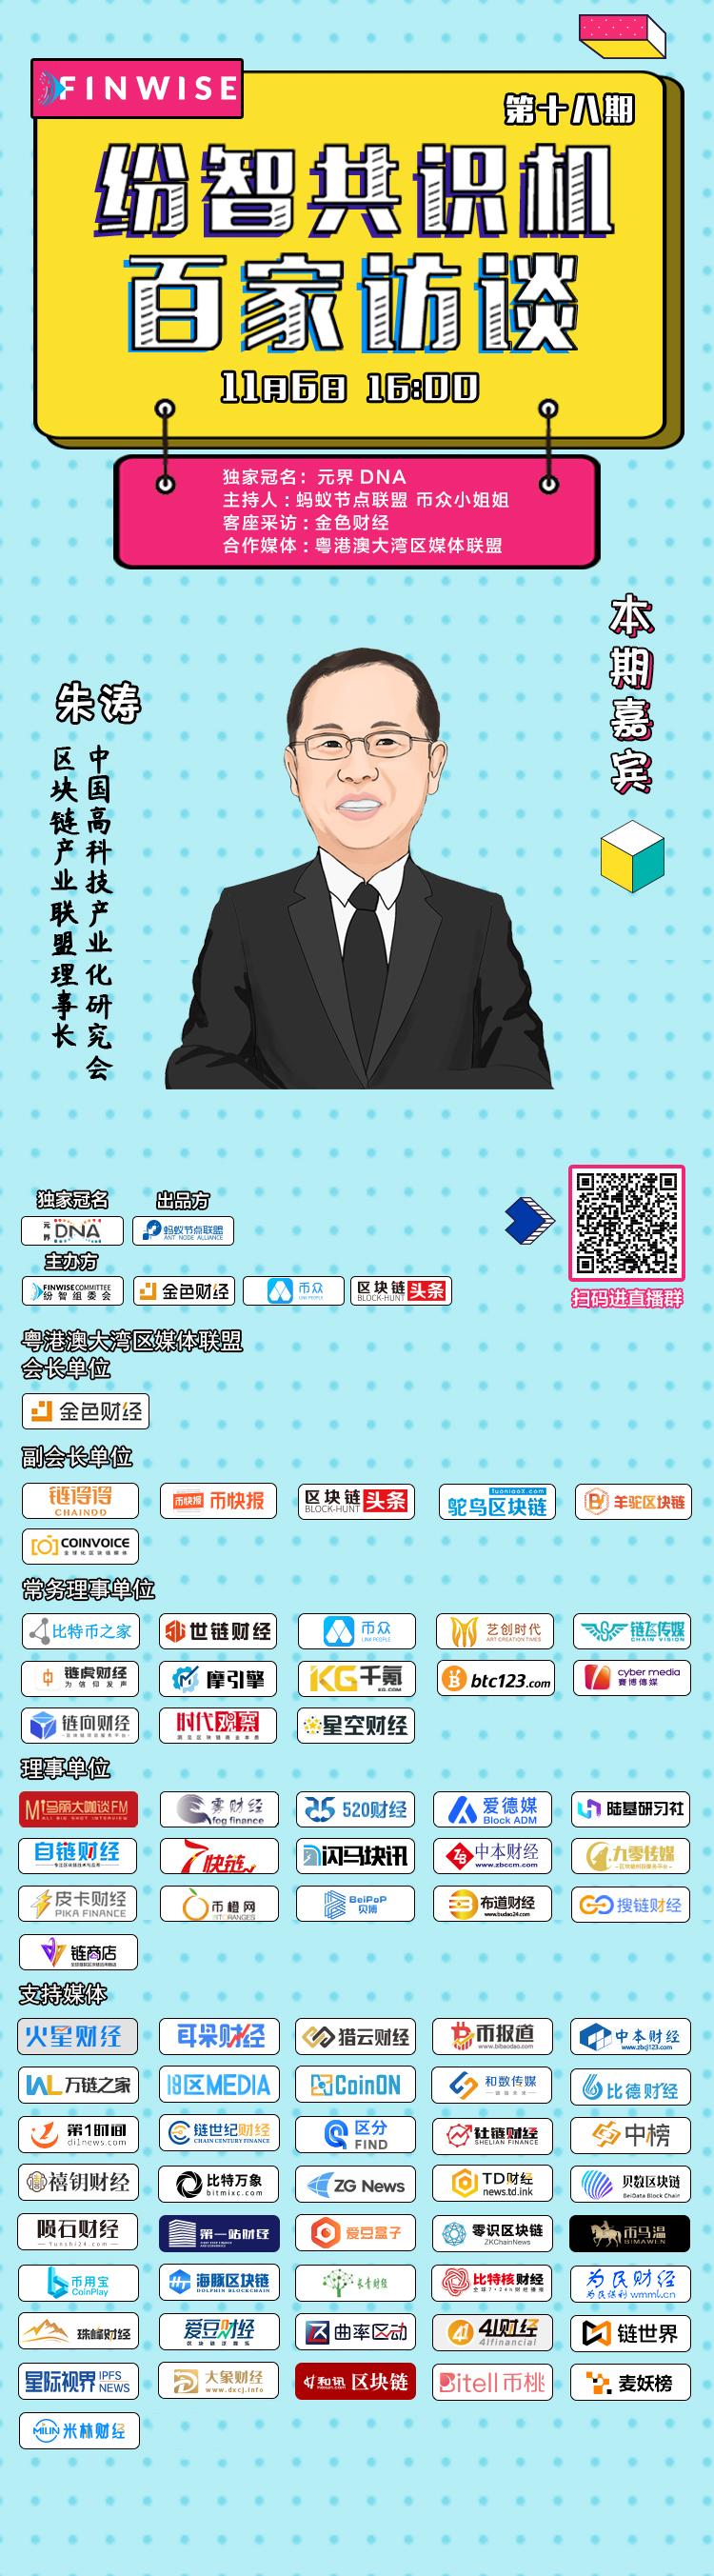 纷智共识机第18期 | 朱涛:拥抱区块链政策,打造中国特色价值链